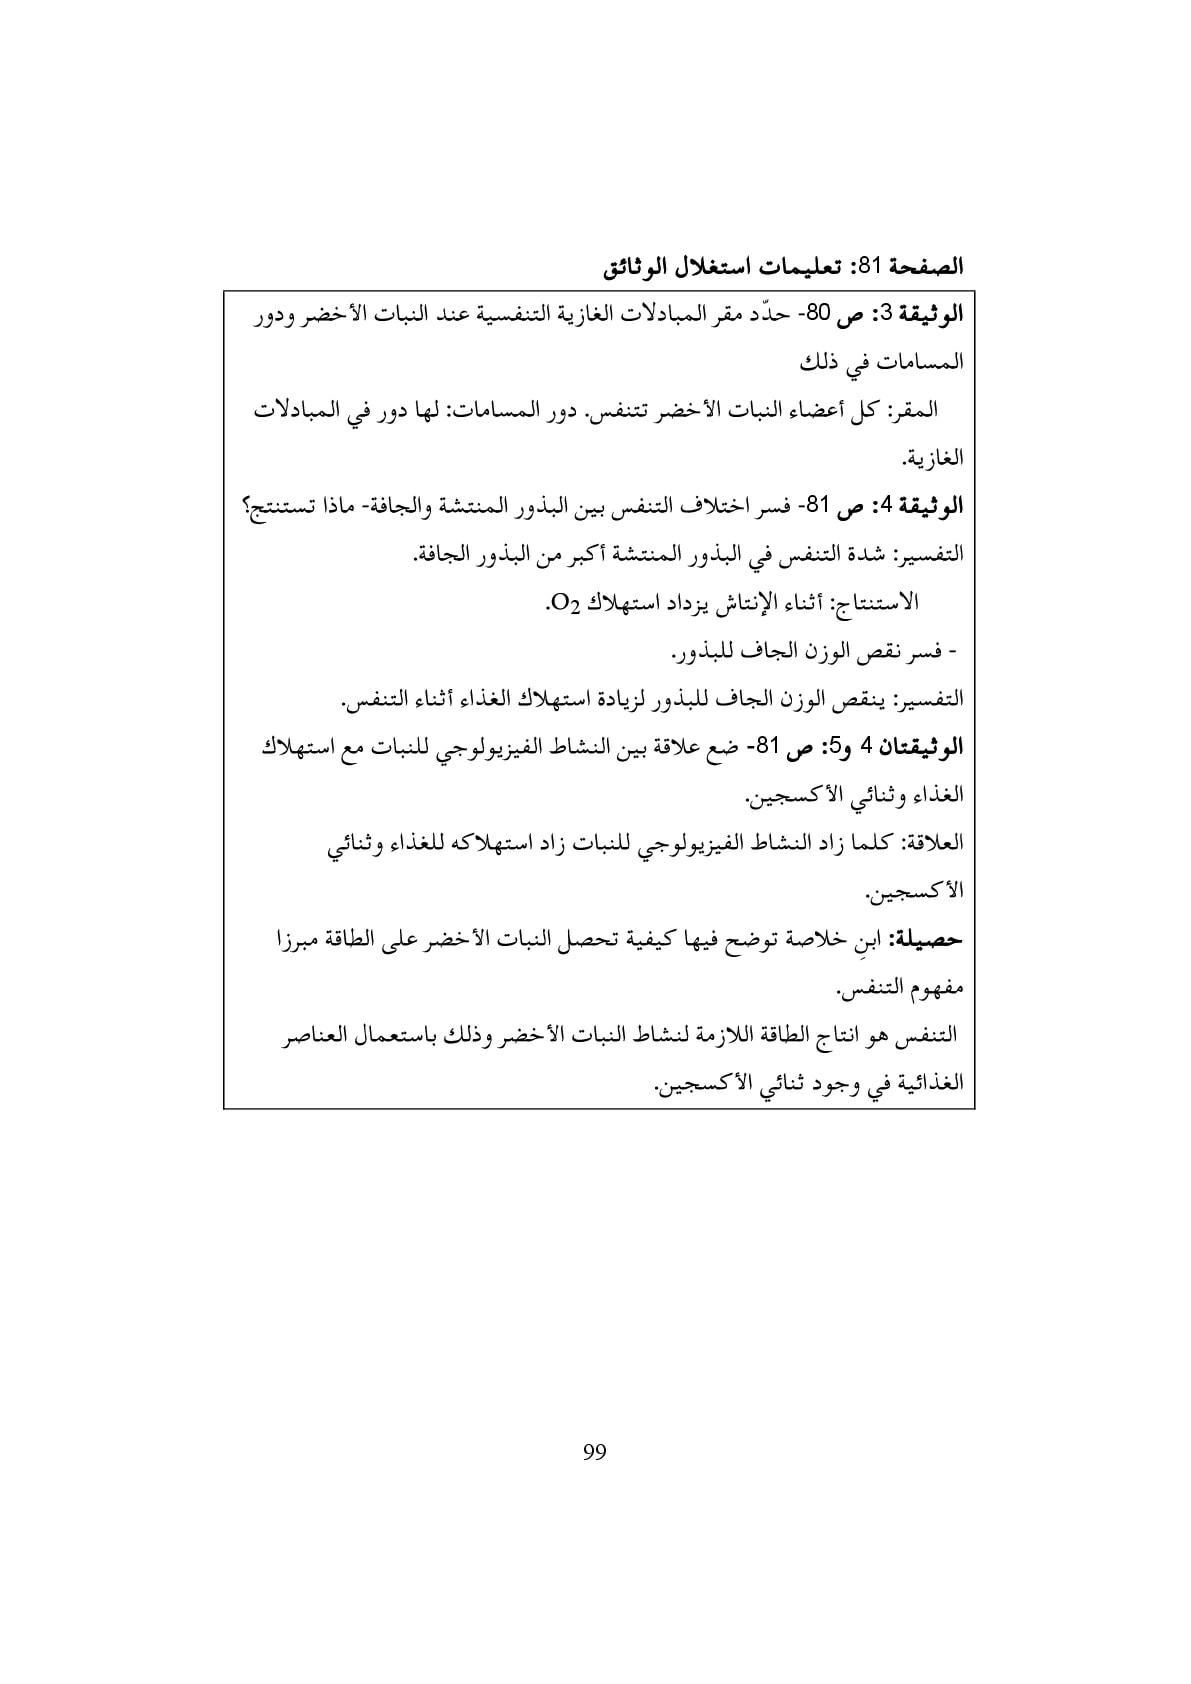 حل تعليمات صفحة 81 علوم طبيعية للسنة الأولى متوسط الجيل الثاني